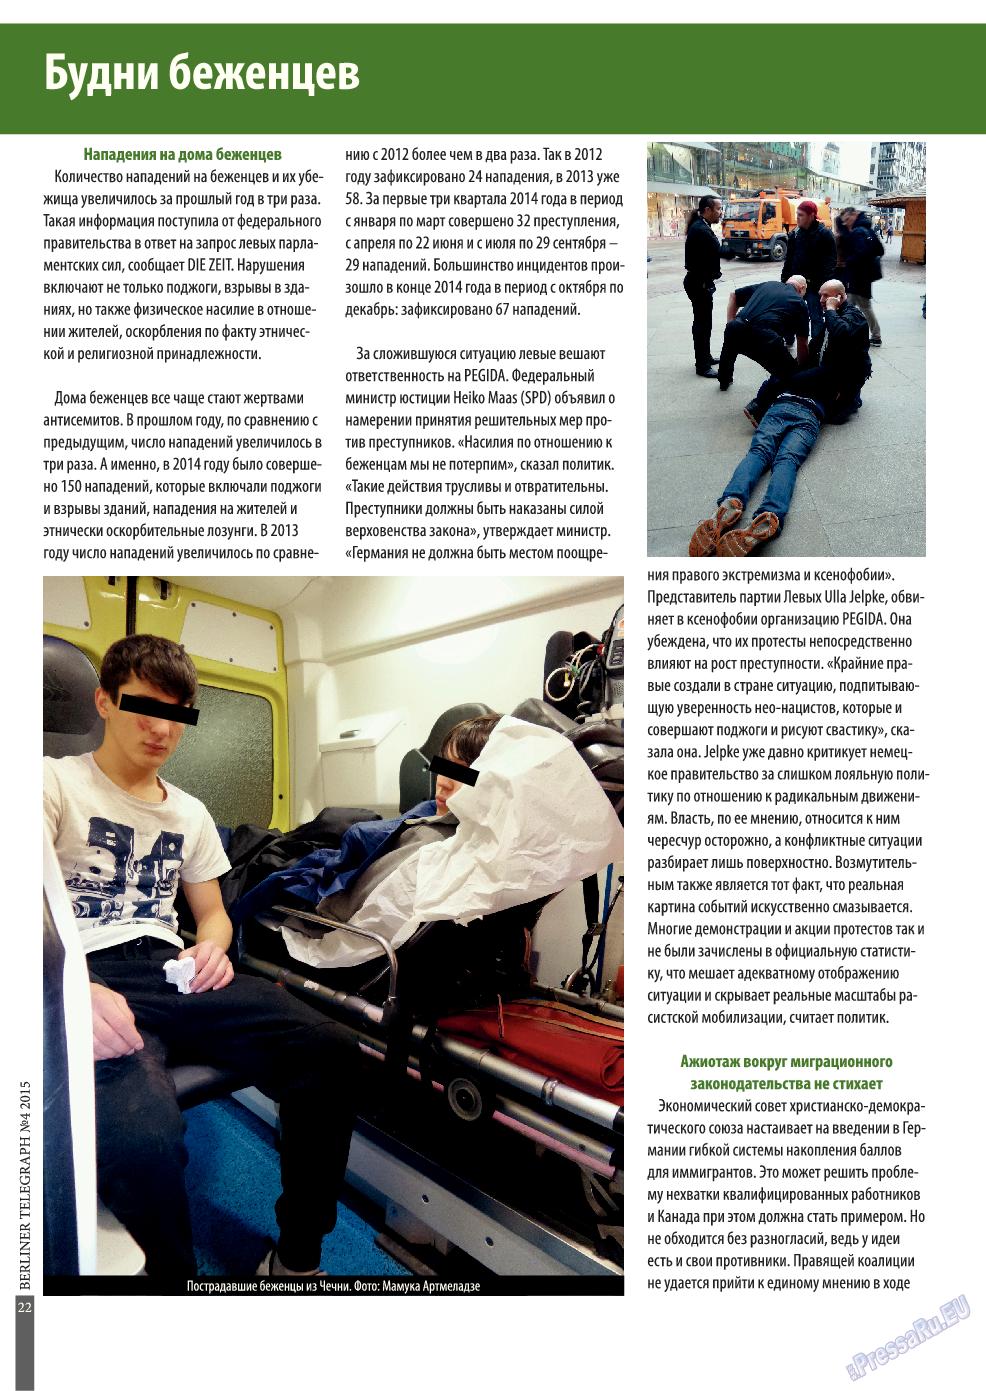 Берлинский телеграф (журнал). 2015 год, номер 4, стр. 22